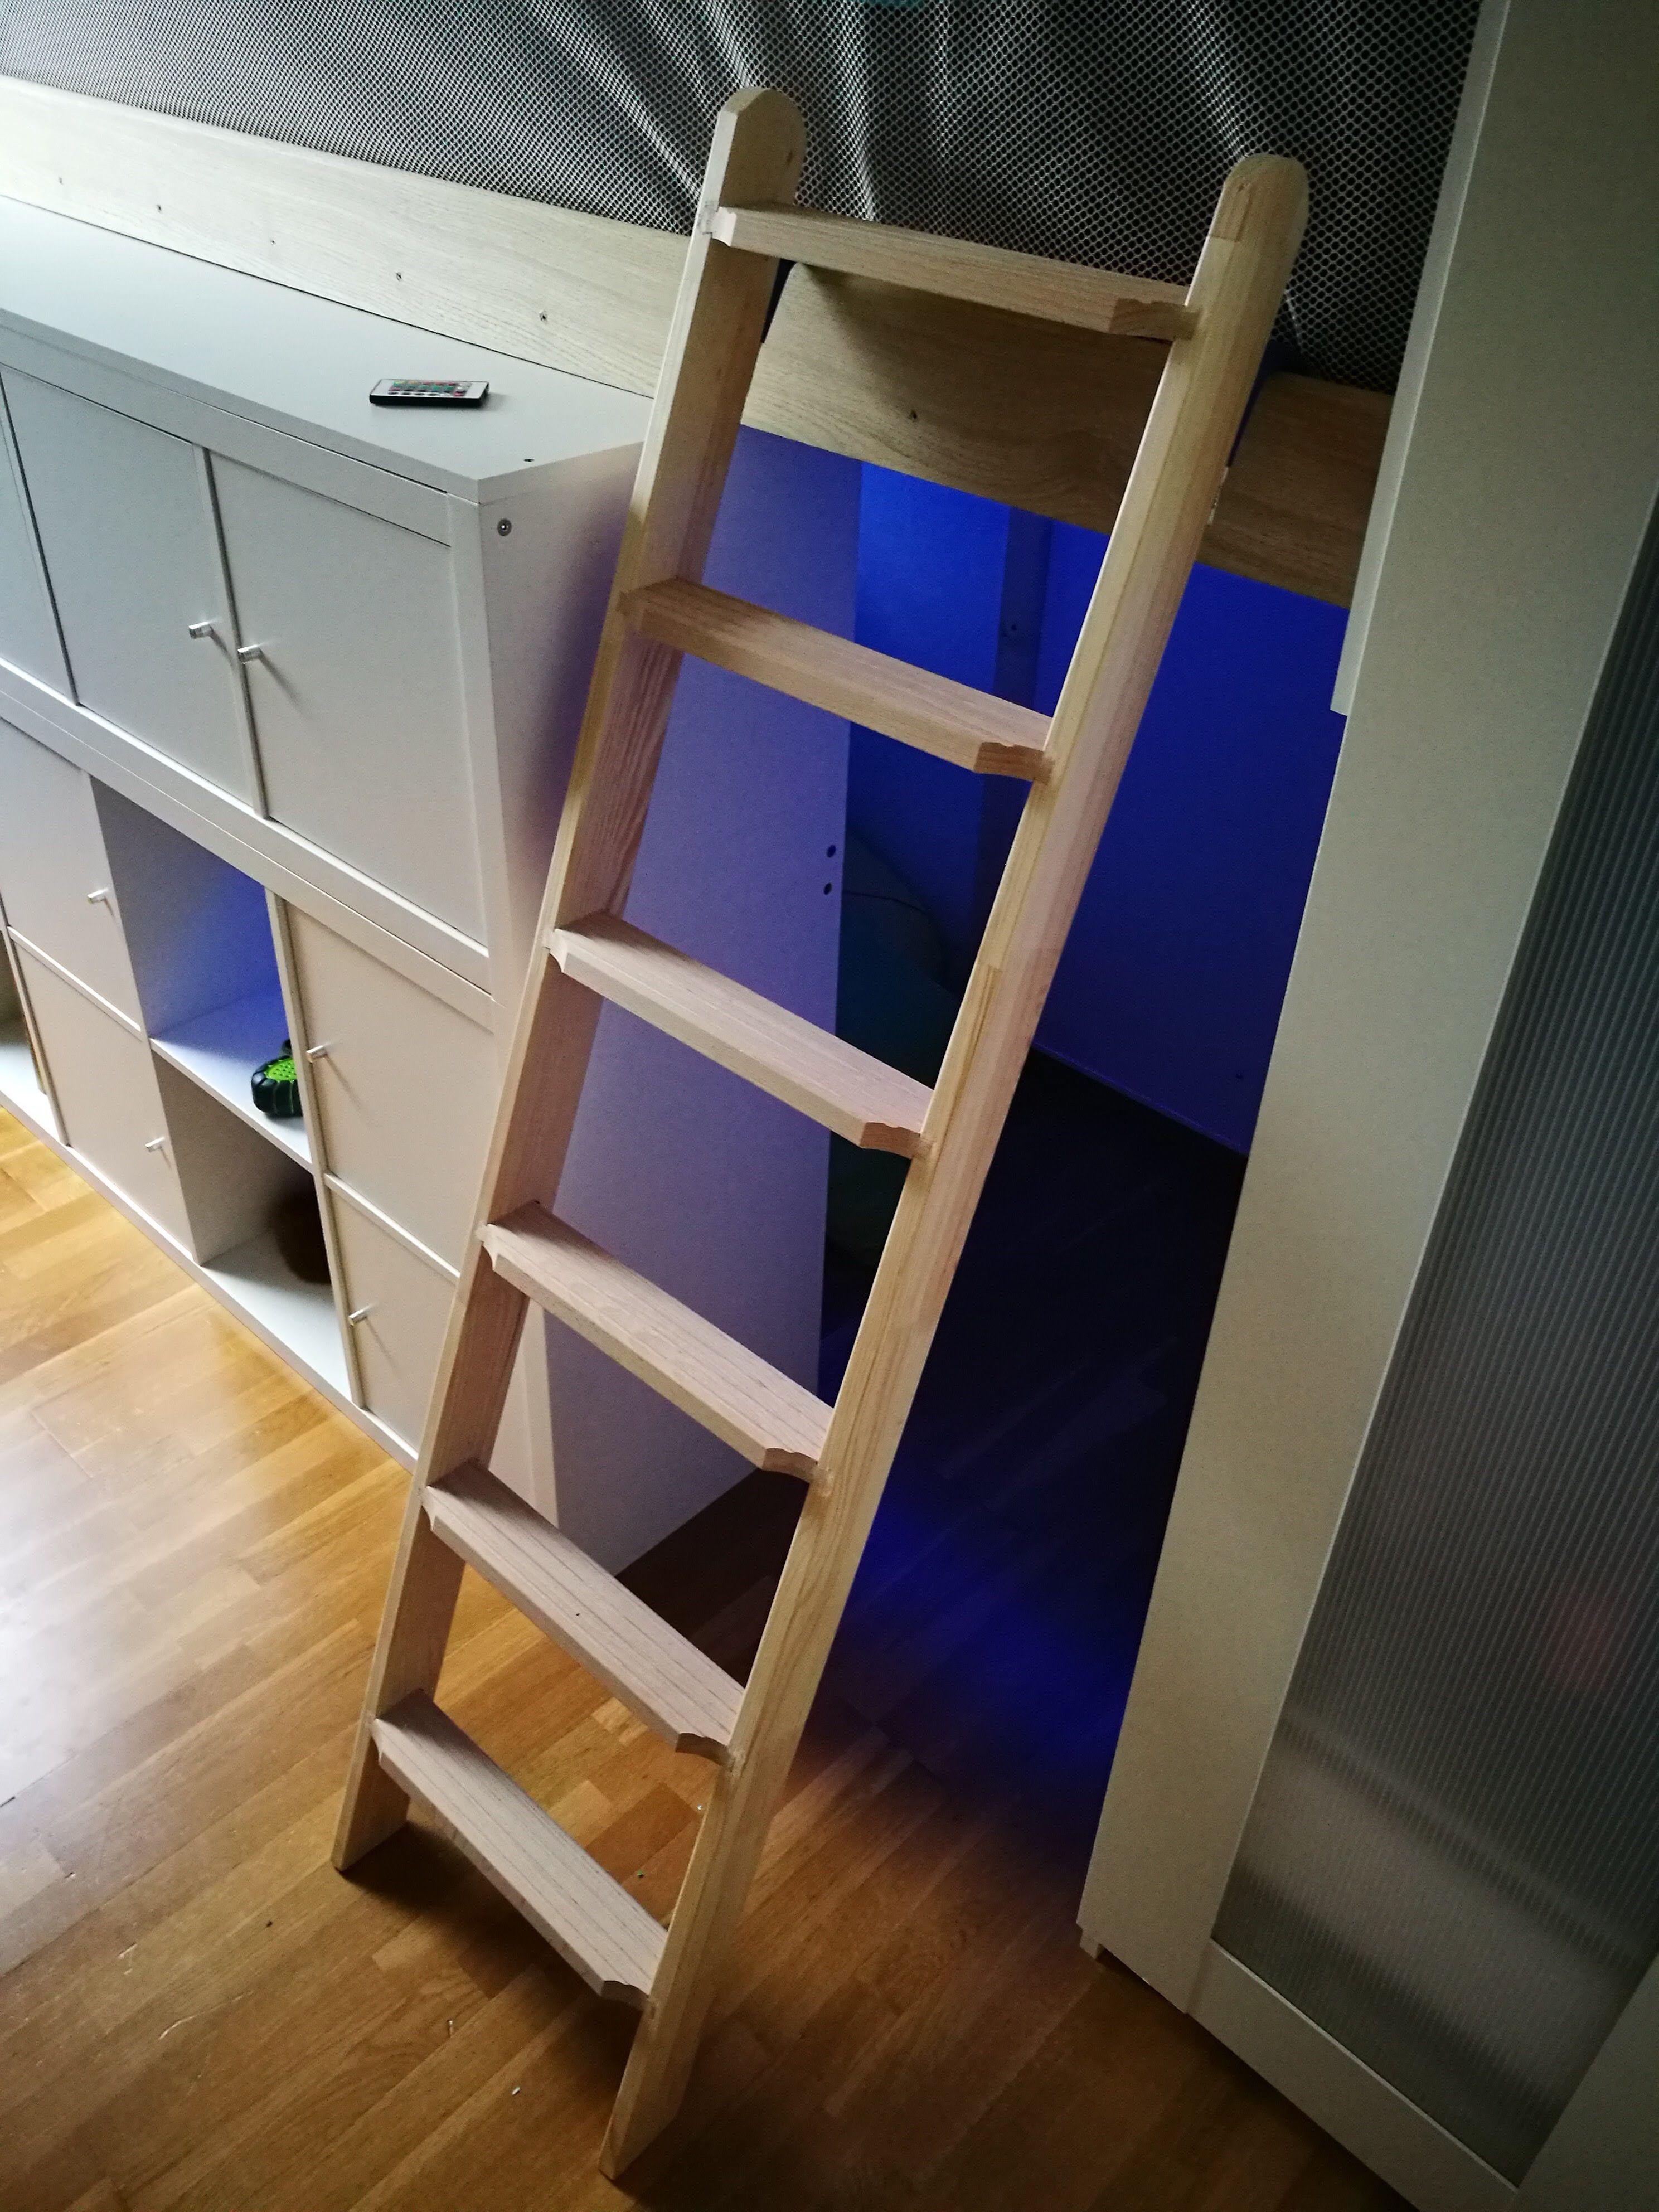 Épinglé par Guillaume Seiler sur Ikea hack lit et chambre